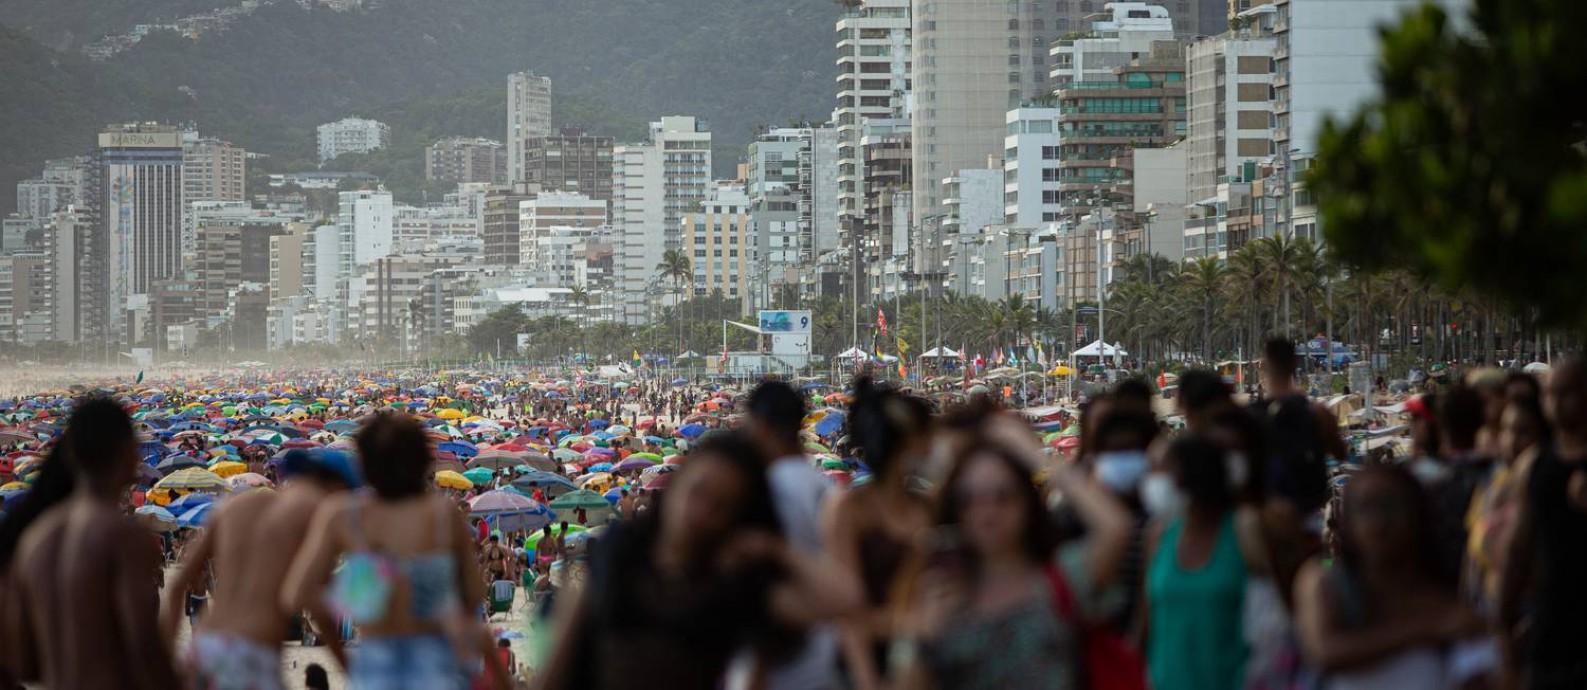 Aglomeração na praia de Ipanema, na Zona Sul, na última segunda-feira (30); estado do Rio tem mortalidade por Covid-19 mais alta do país Foto: Hermes de Paula / Agência O Globo